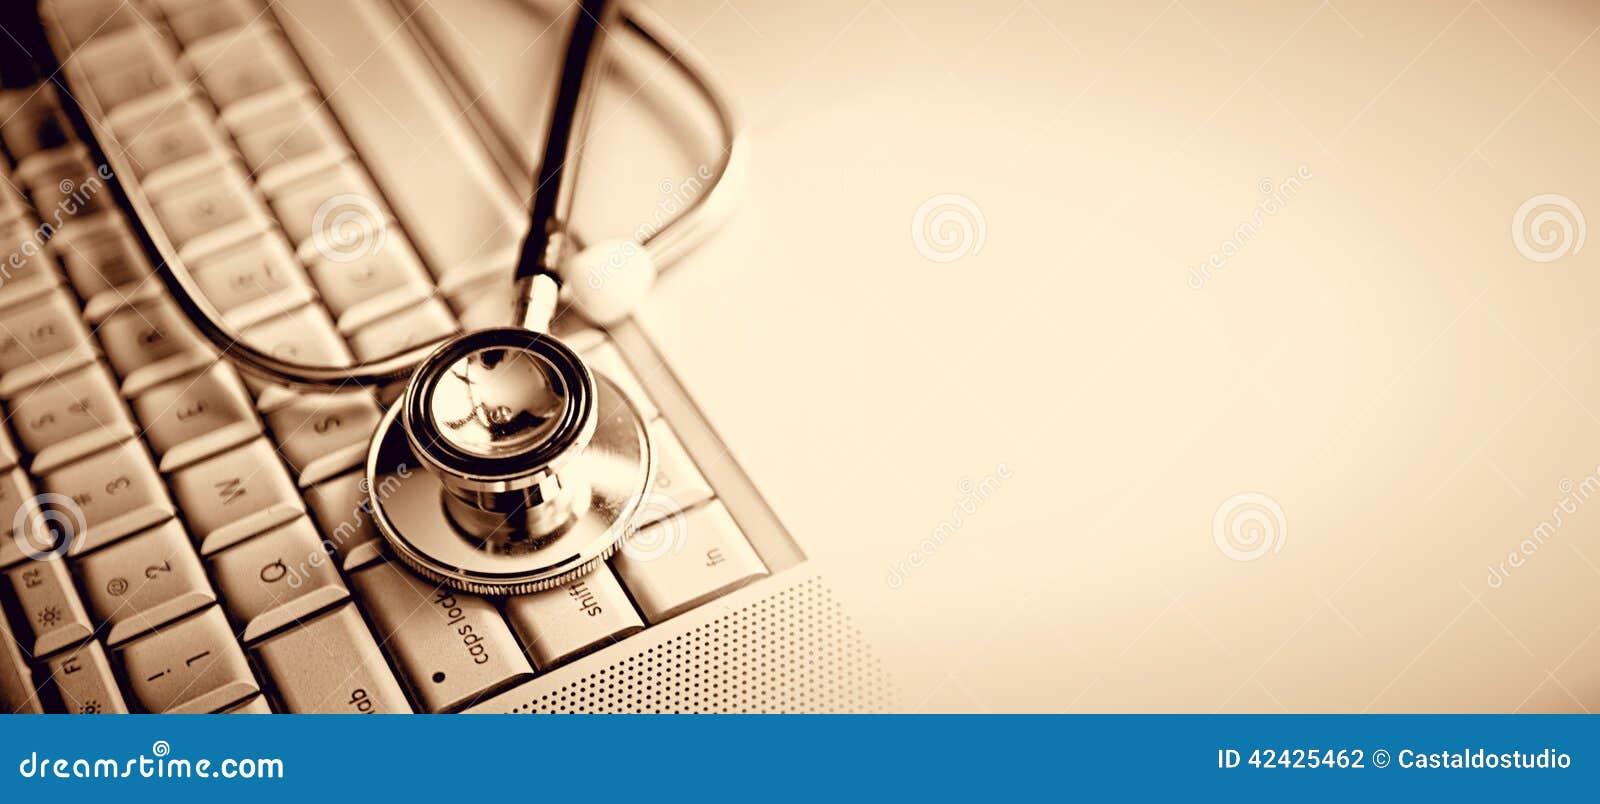 Estetoscopio y teclado